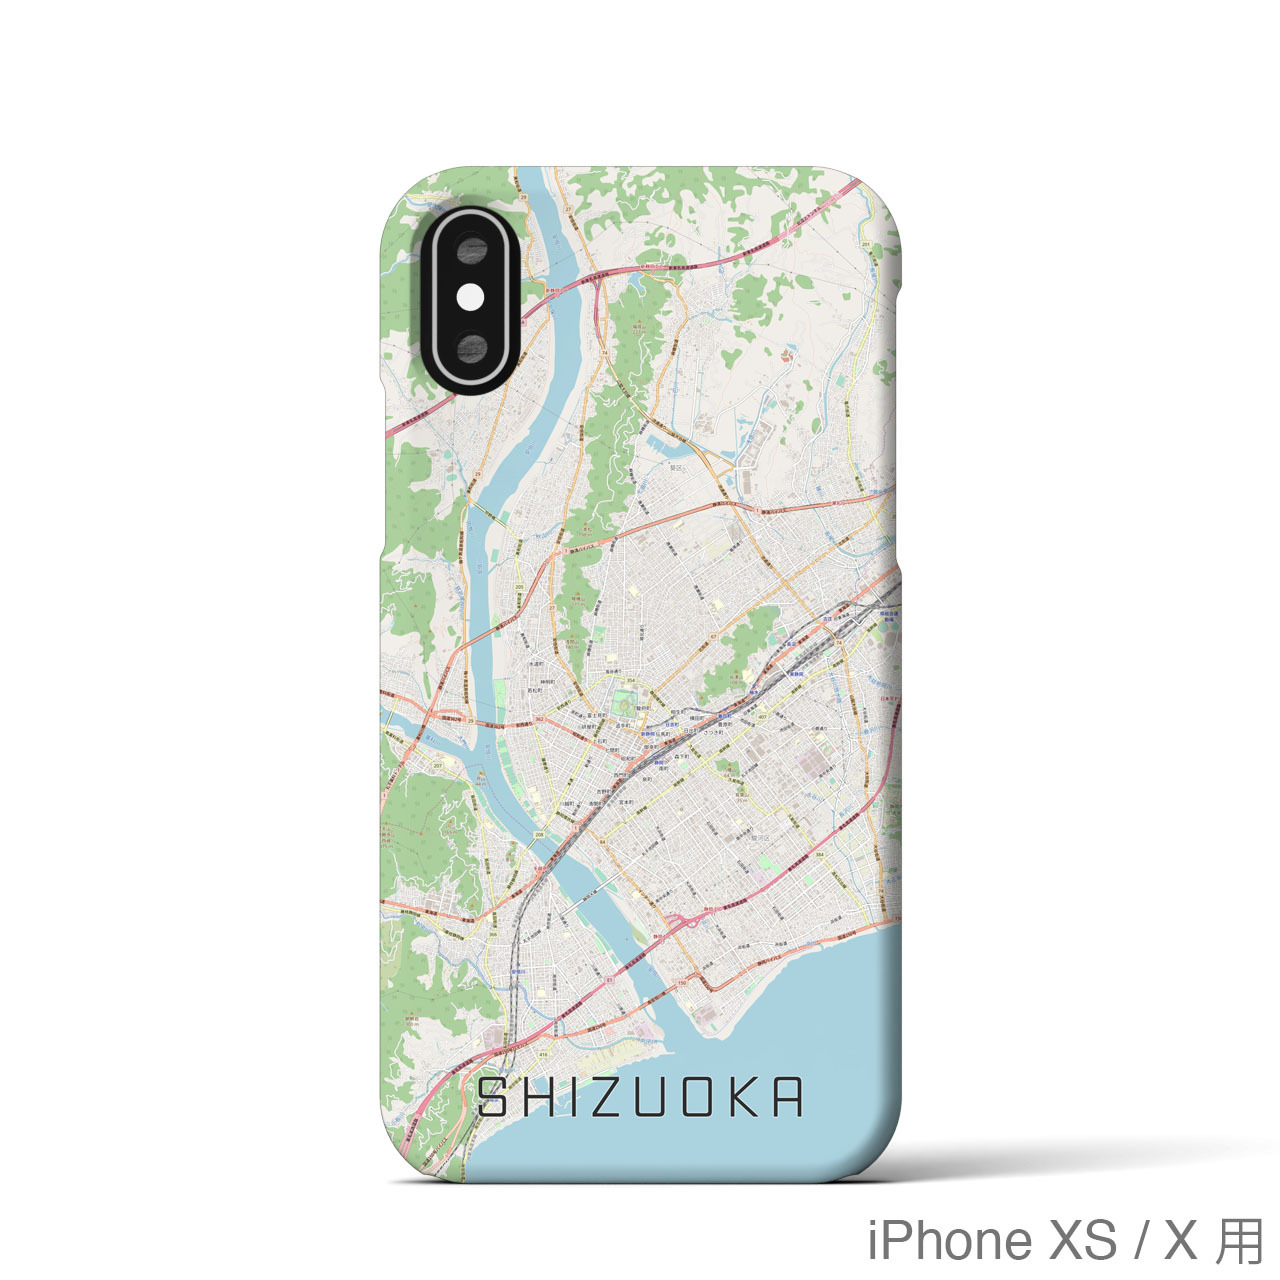 【静岡】地図柄iPhoneケース(バックカバータイプ・ナチュラル)